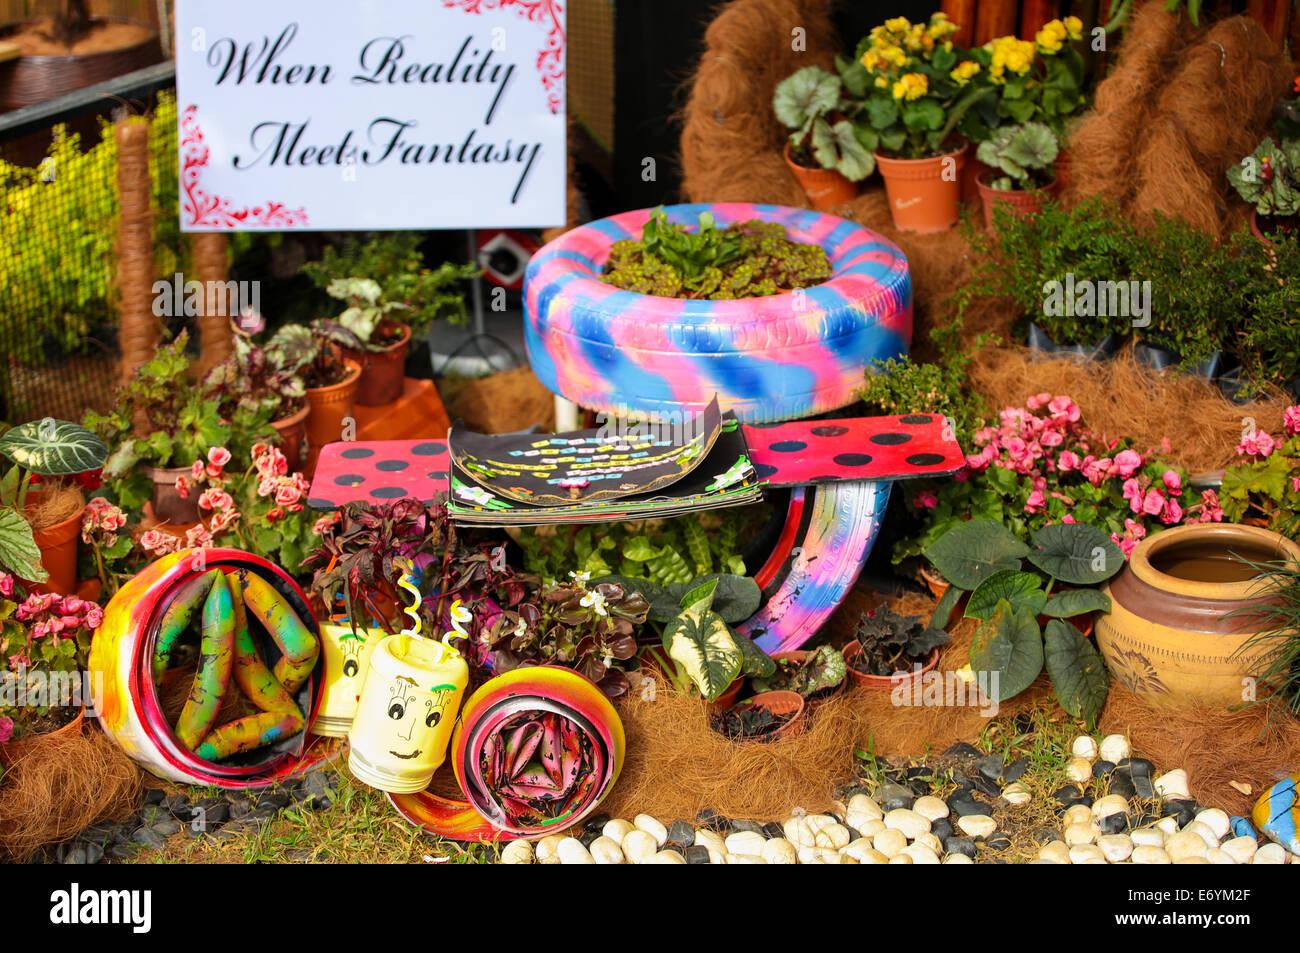 Kinder Basteln Dekorieren Einen Wunderschonen Garten Arrangements